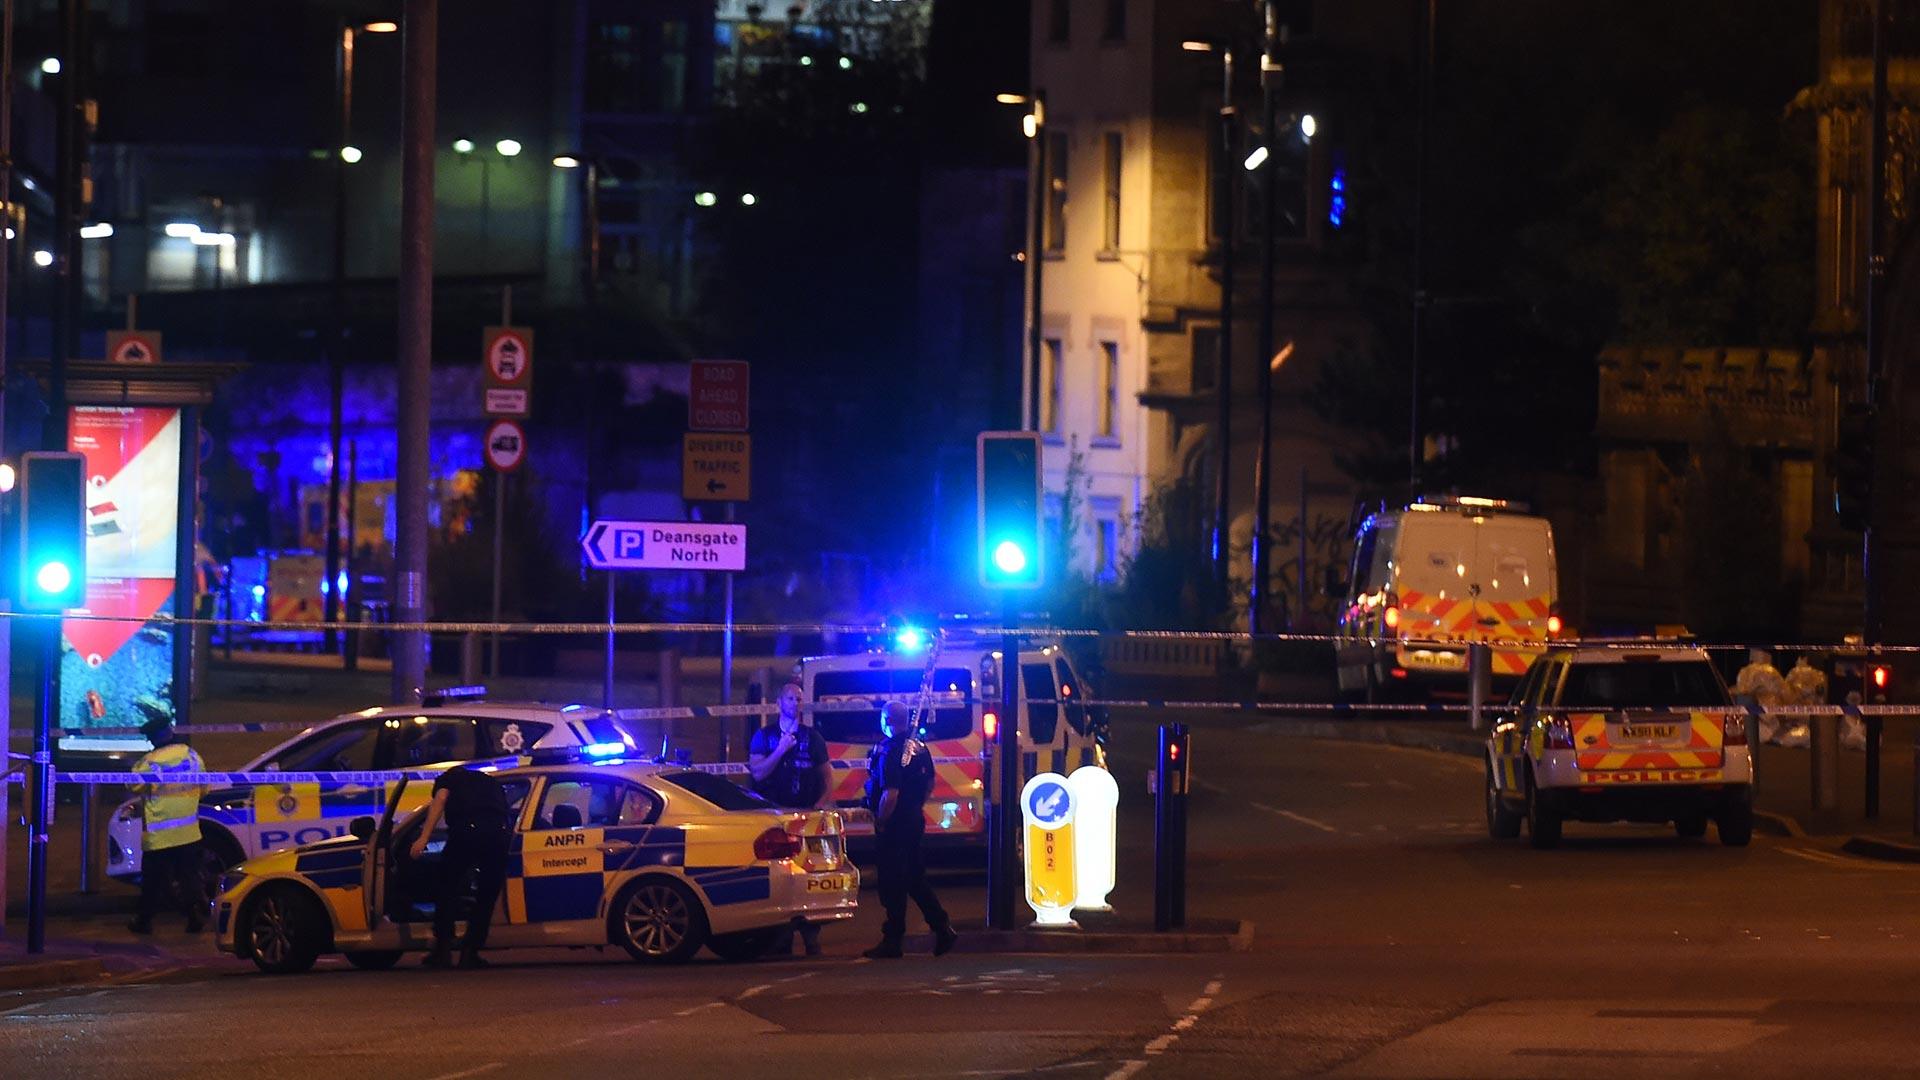 """Aunque algunos de los videos publicados en redes sociales muestran a los espectadores corriendo y gritando desde sus asientos, tras haber escuchado """"una explosión muy fuerte en el interior del Manchester Arena"""", se presume que todo haya ocurrido fuera del lugar"""